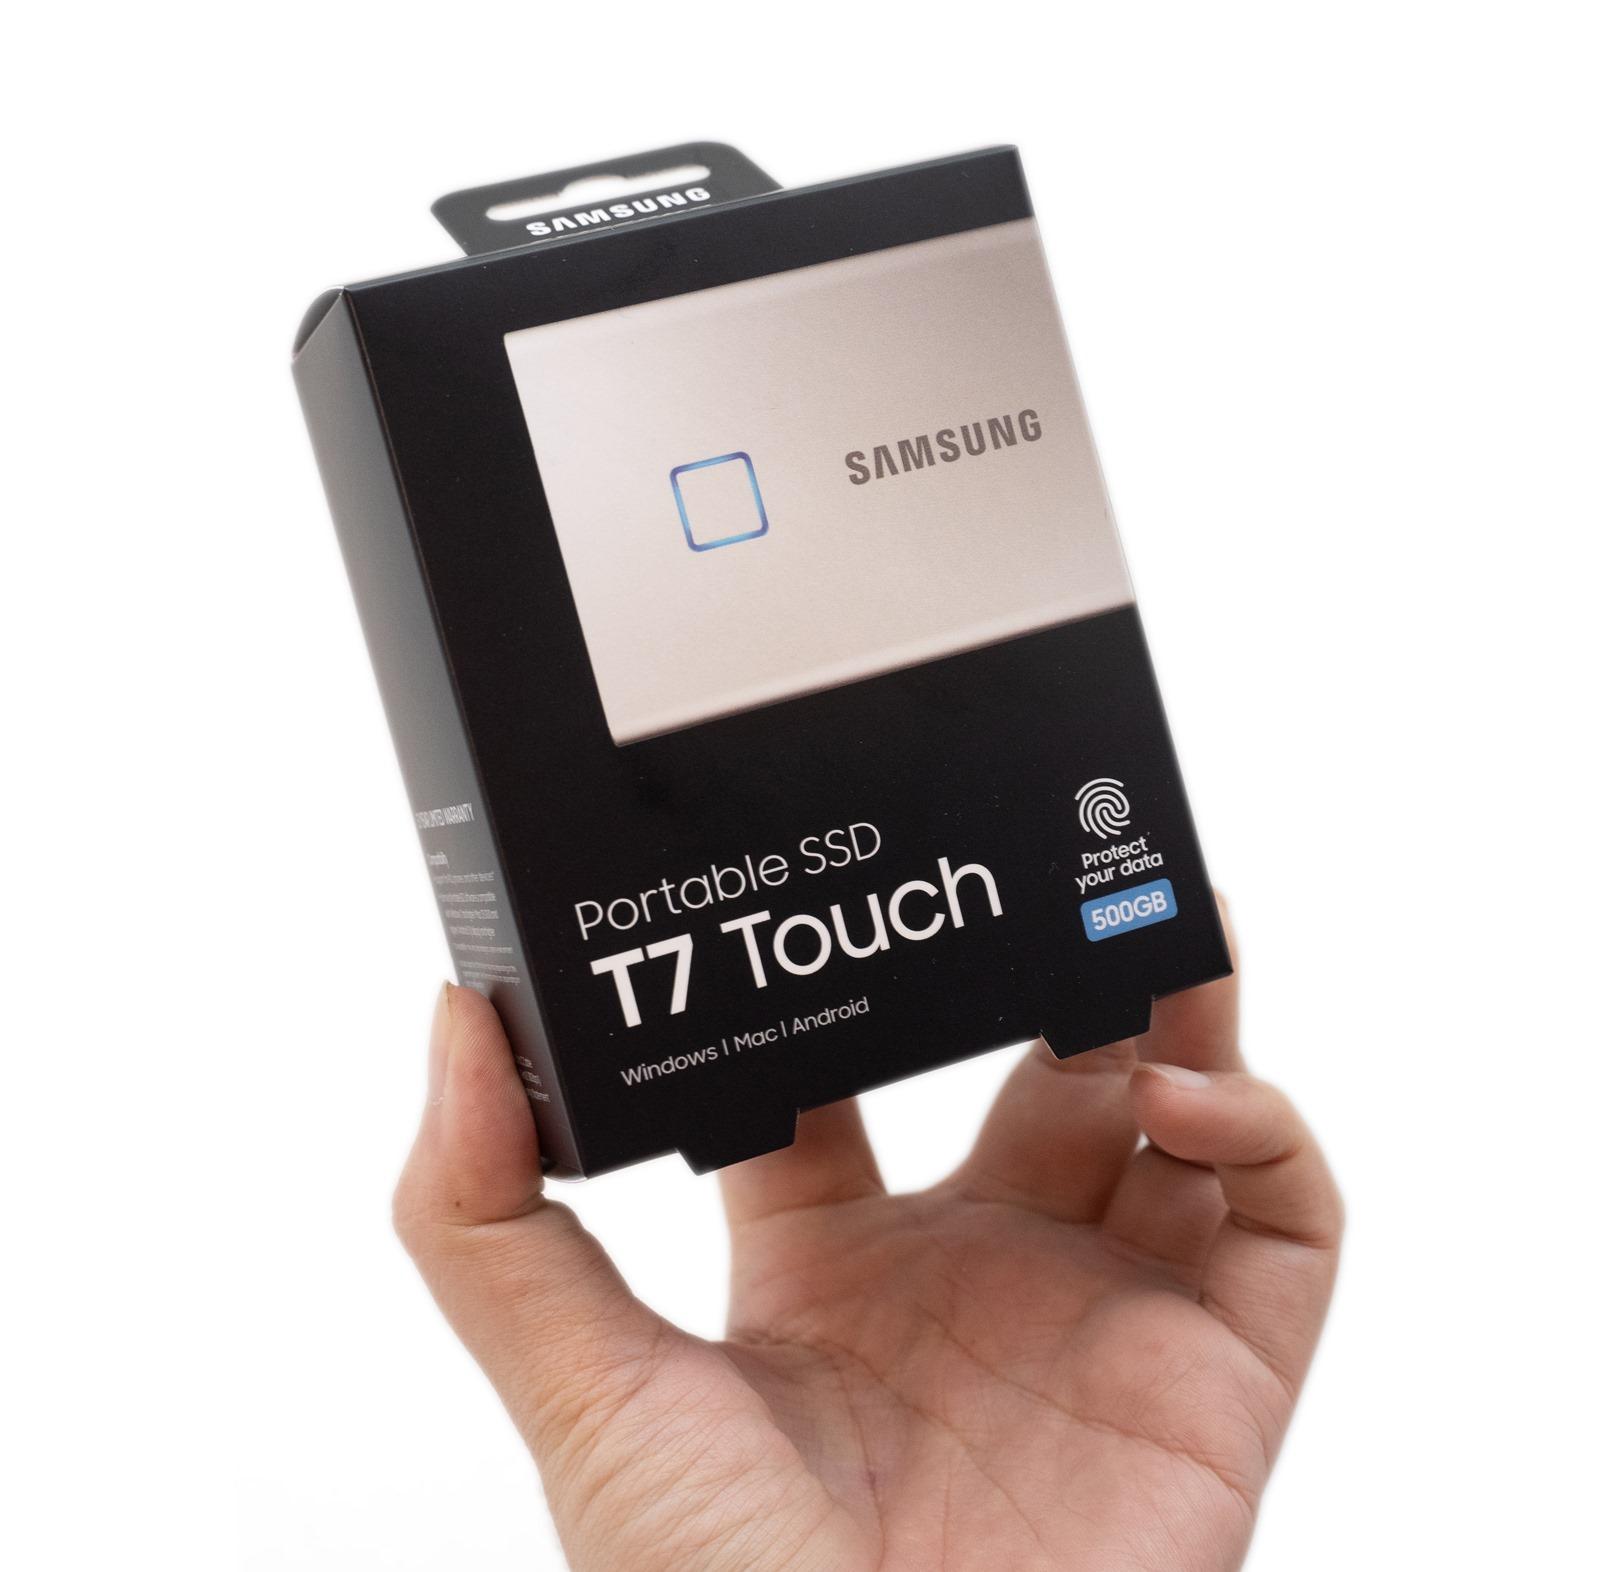 【開箱】輕薄高速還有指紋辨識!三星移動式T7 Touch SSD開箱分享